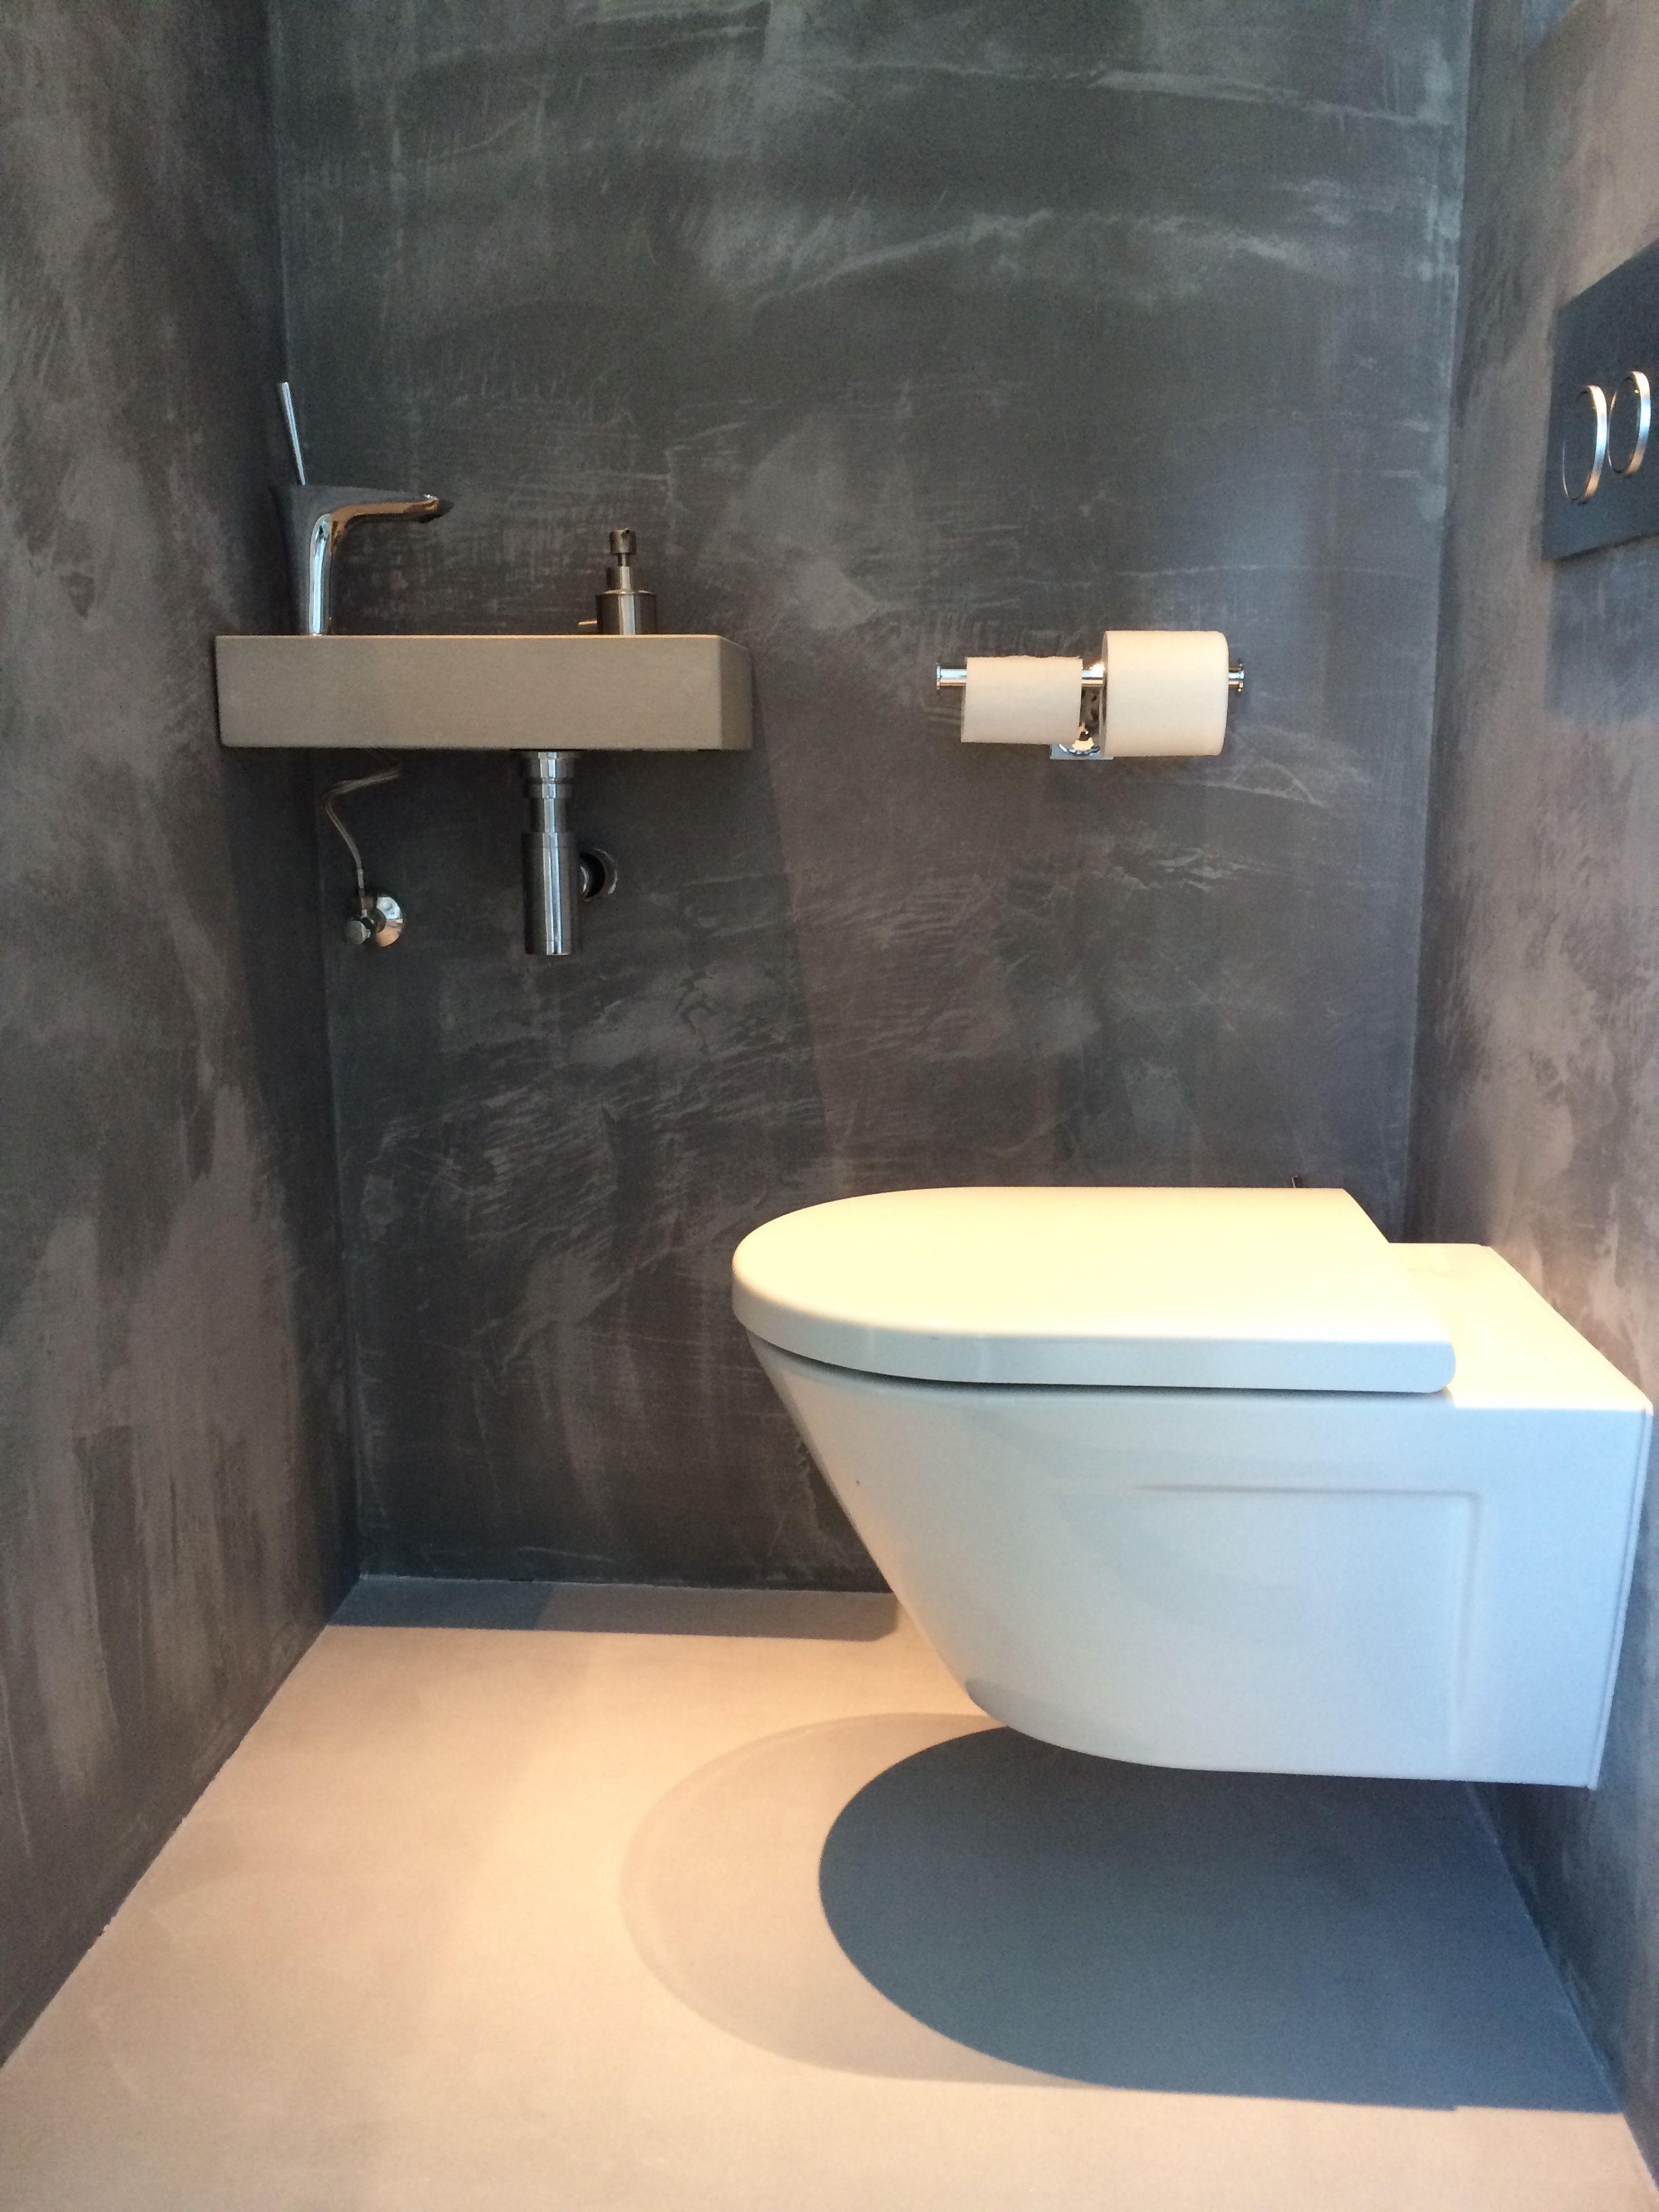 Beton cire toilet grijs badkamer en toilet pinterest grijs wc en badkamer - Badkamer wc ...